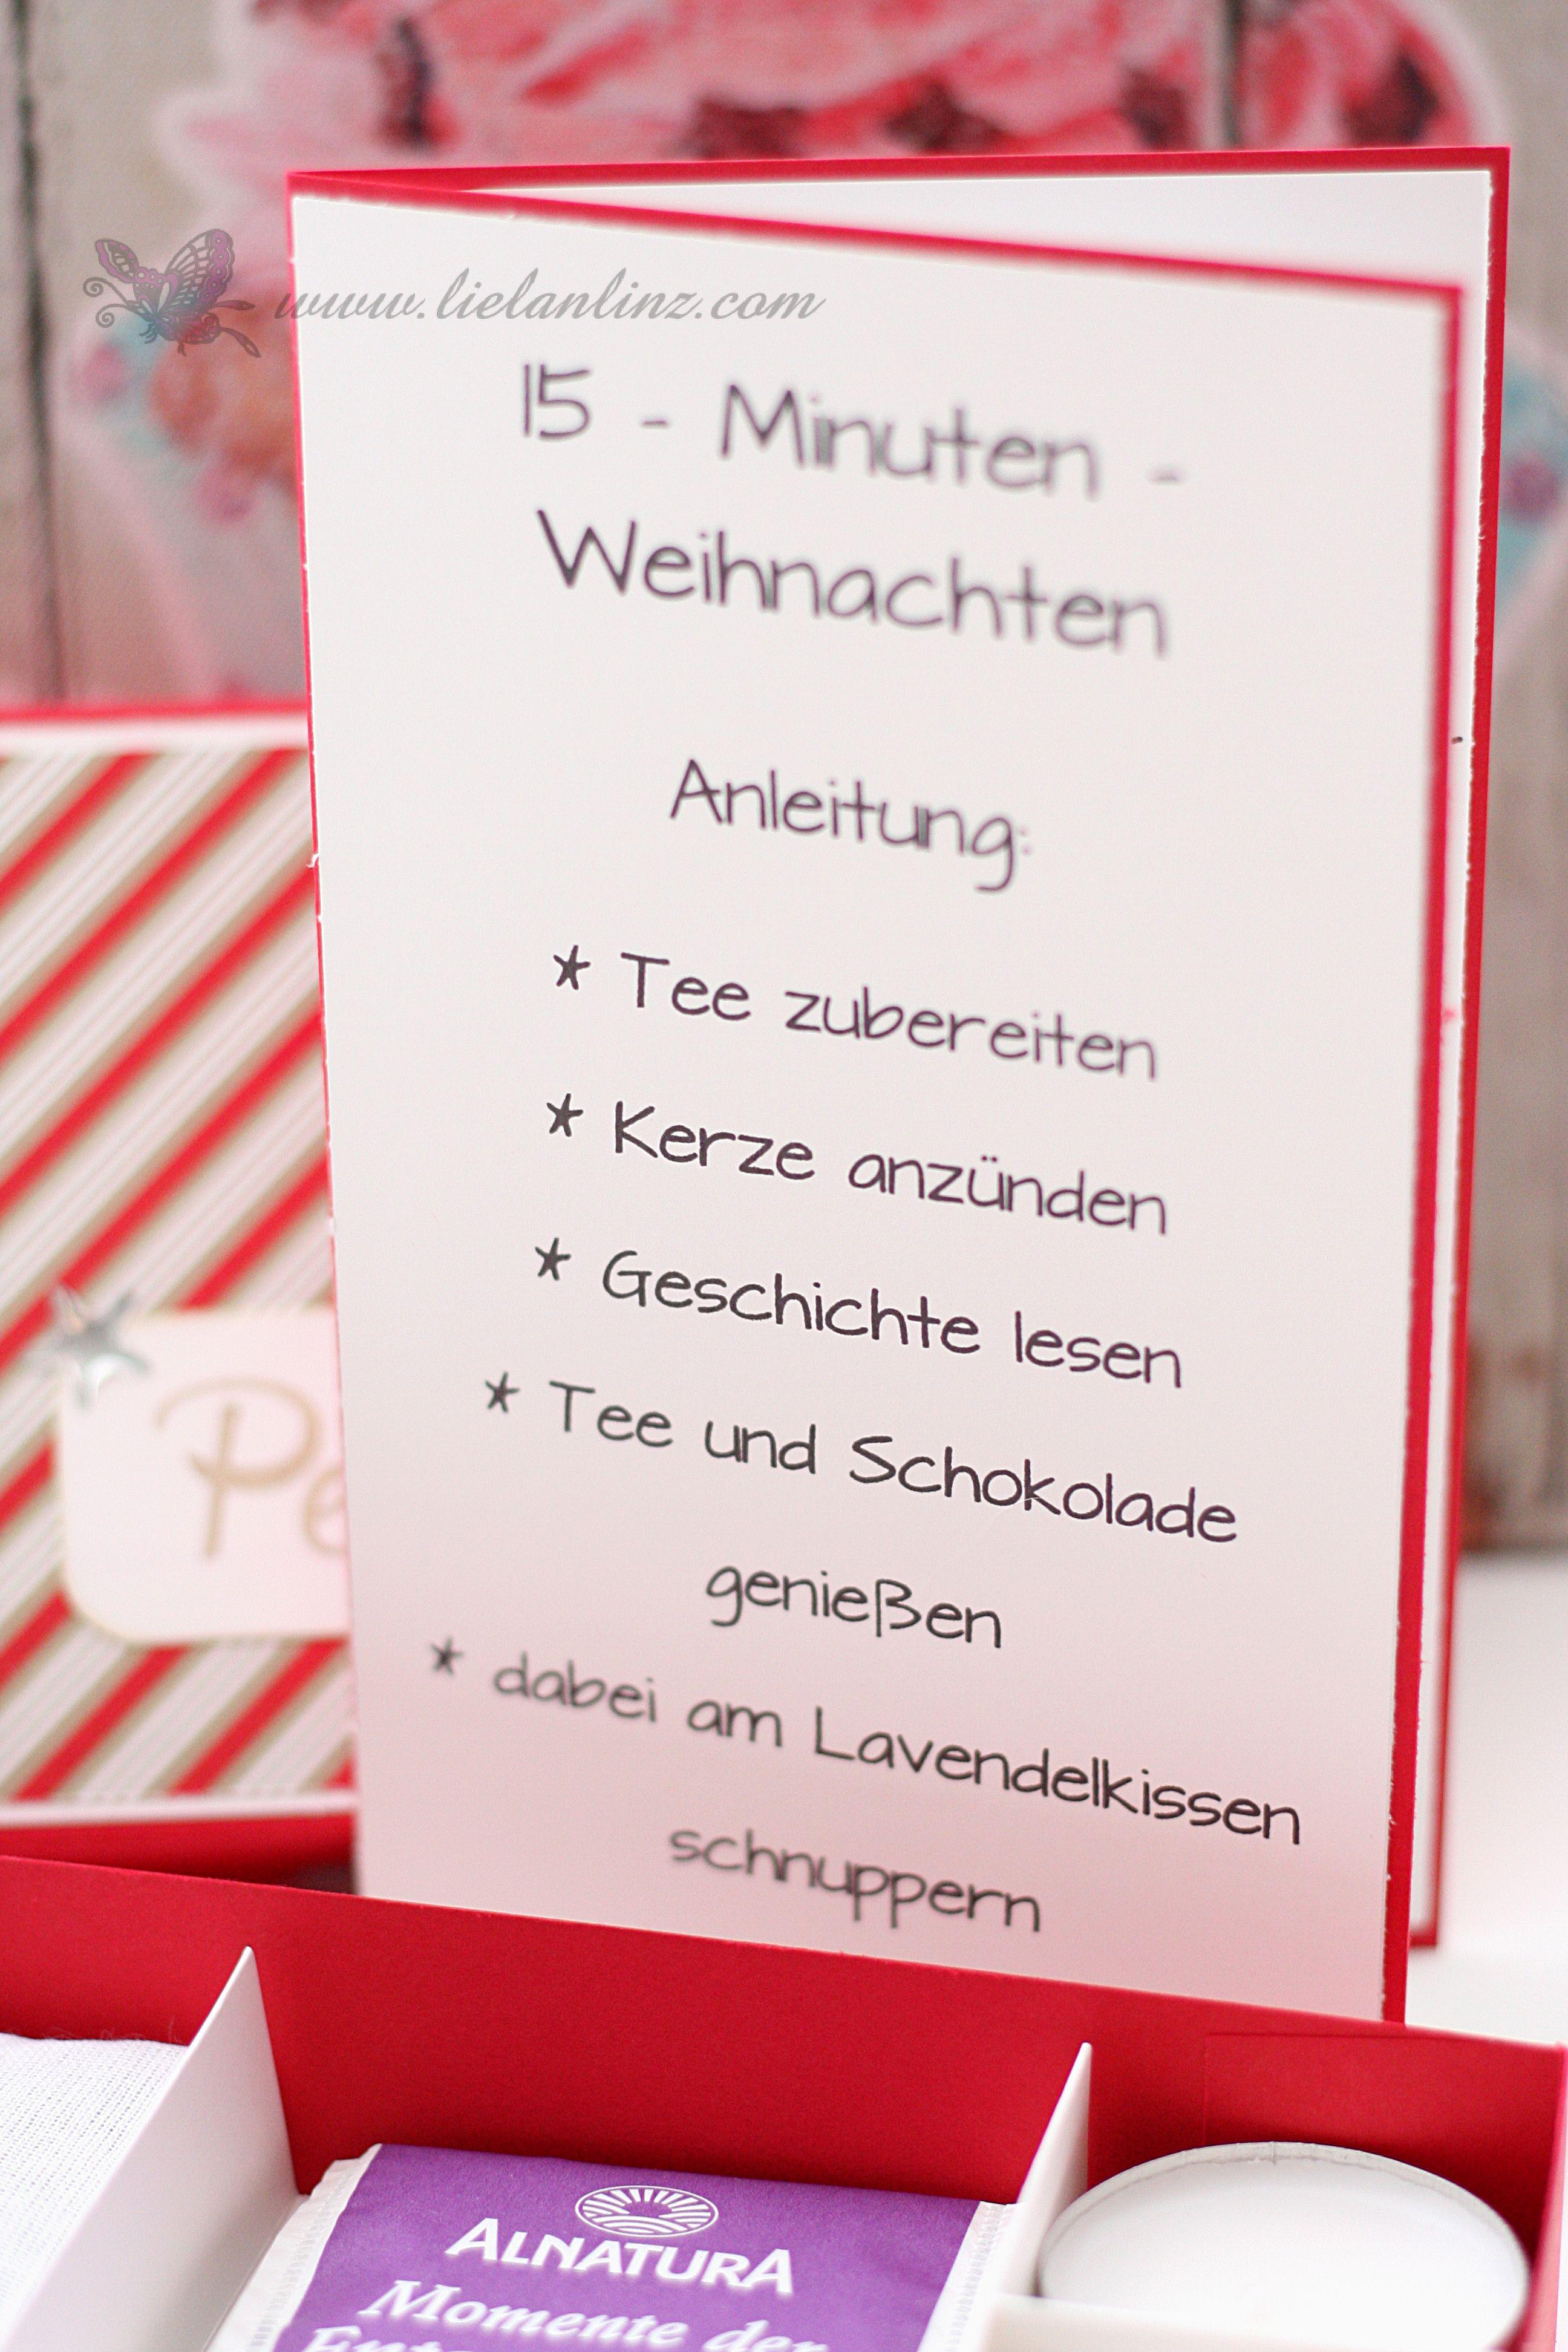 15 Minuten Weihnachten Anleitung.Blog Hop Adventkalender Tür Nr 15 Stampin Up Lielan Linz